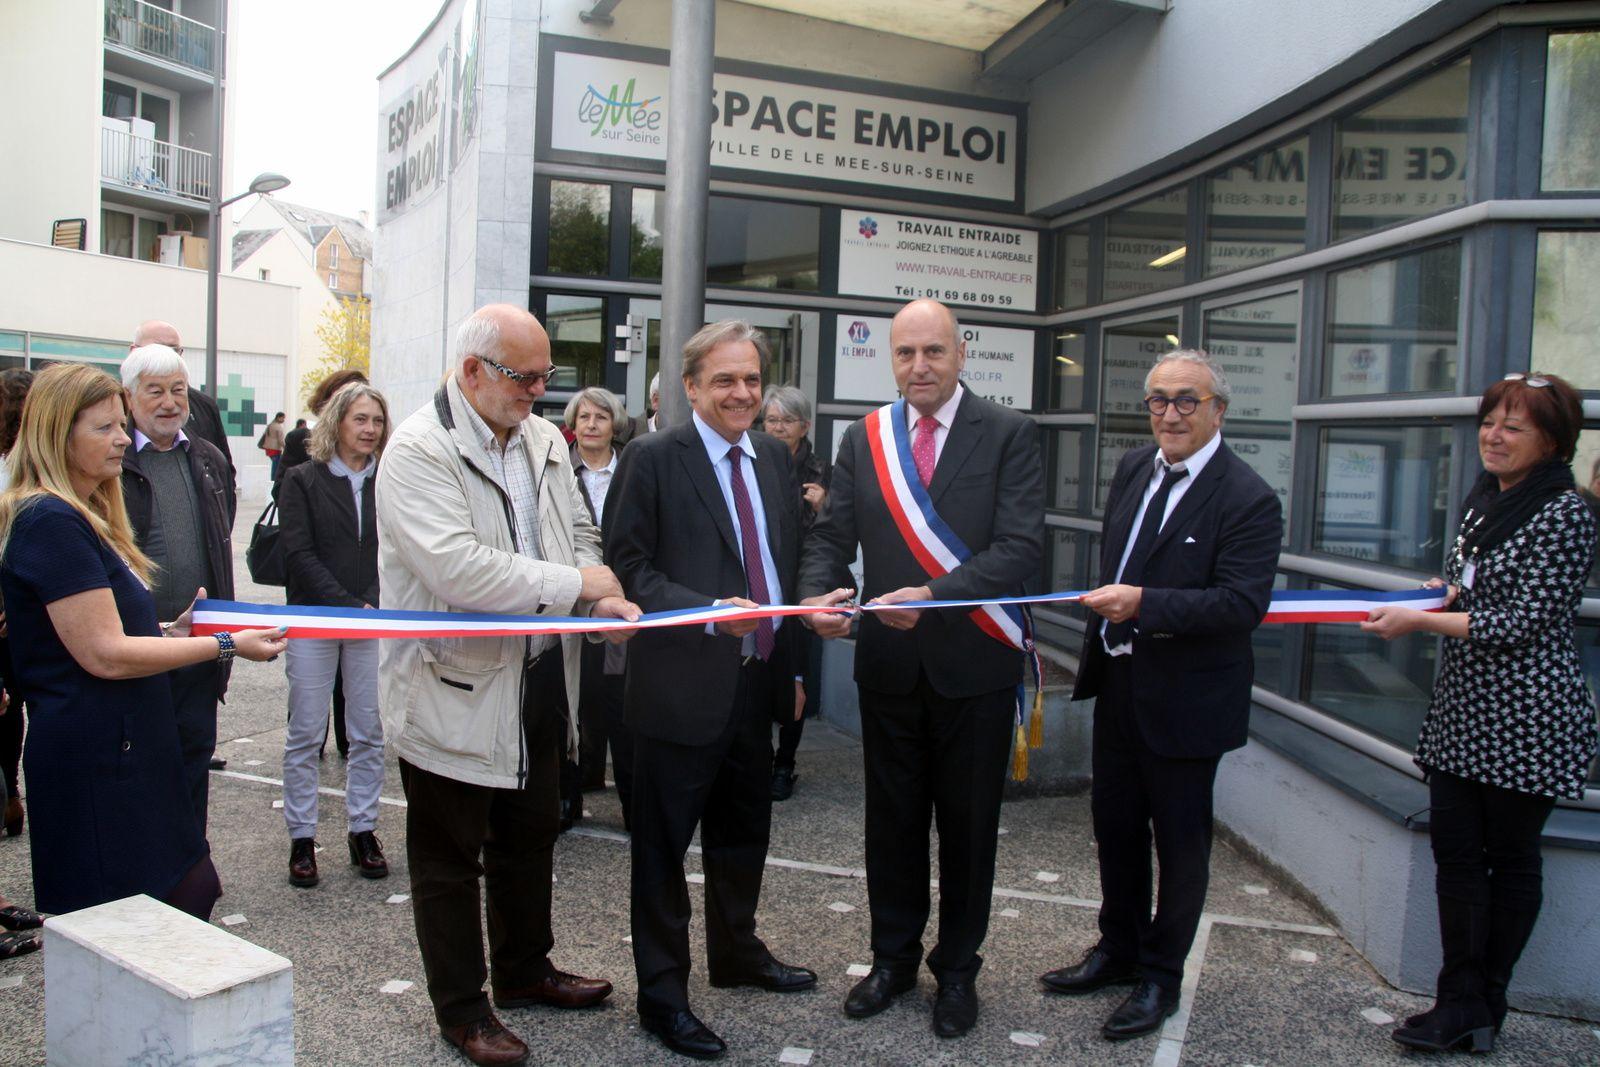 Inauguration de l'Espace Emploi